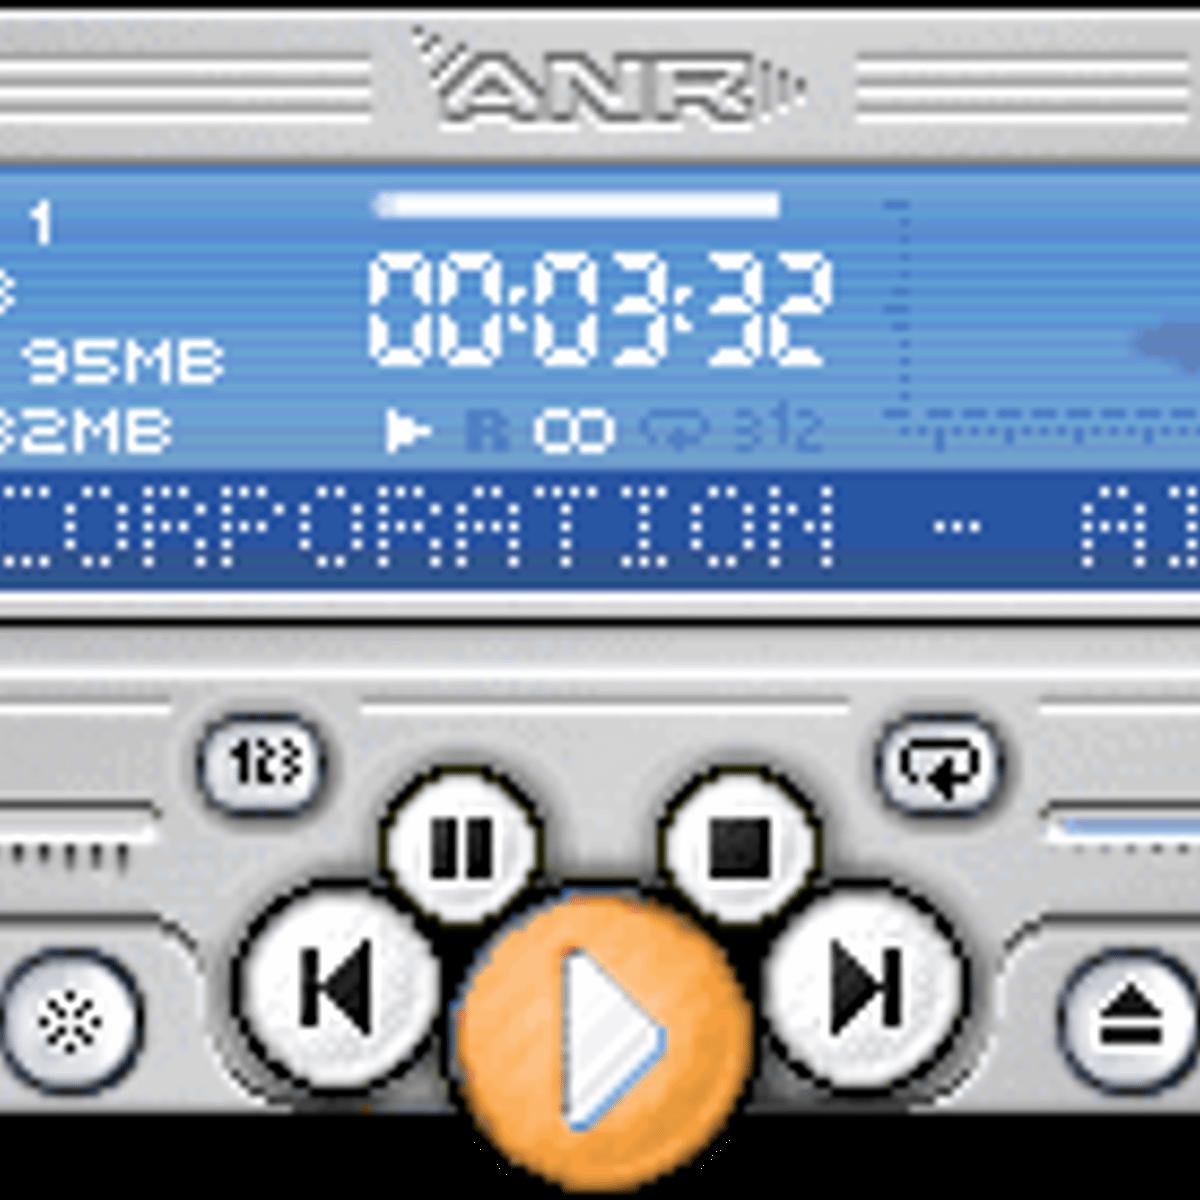 AmiNetRadio Alternatives and Similar Software